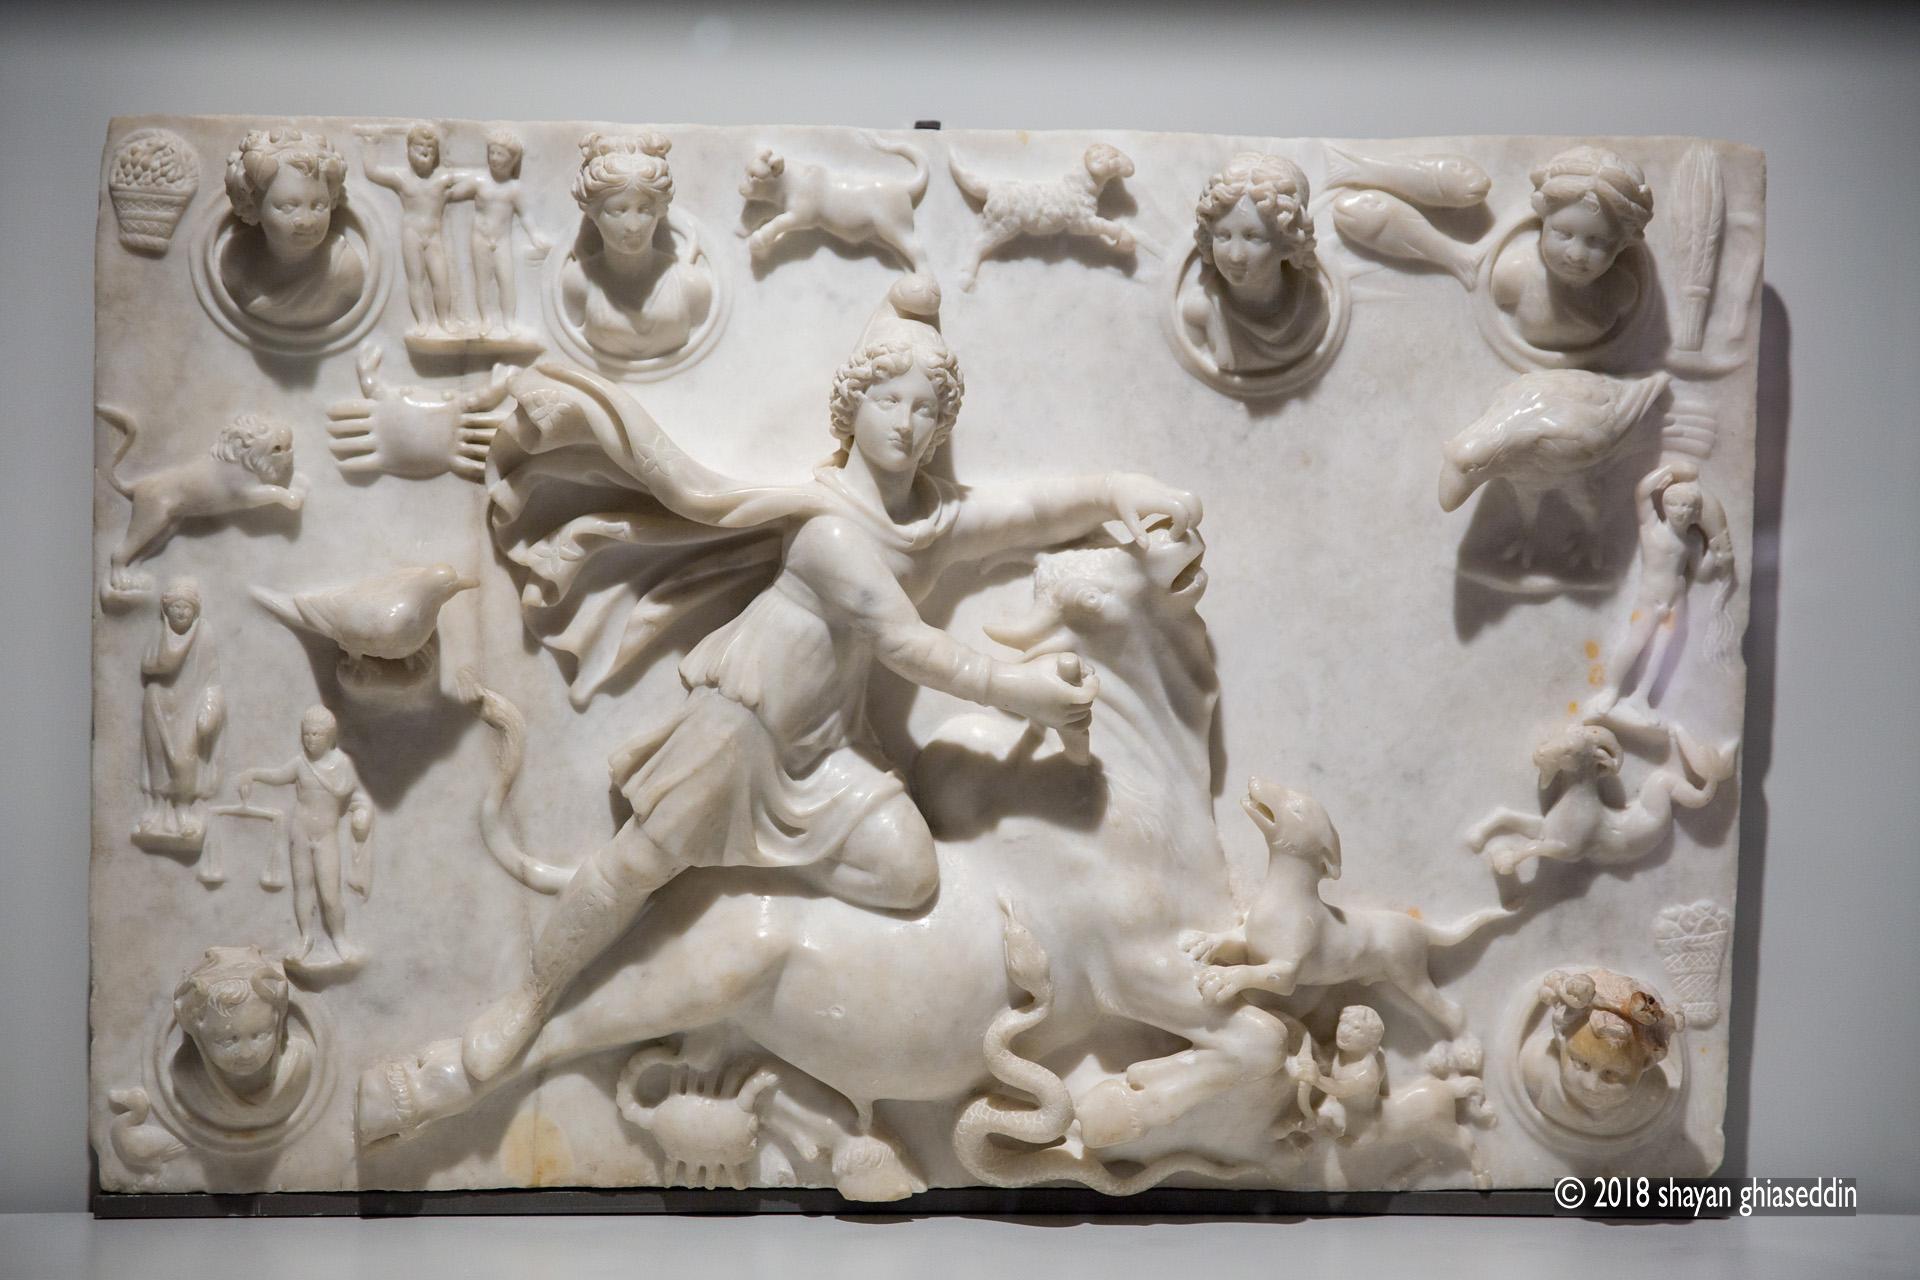 سنگنگاره مِهر گاوکُش، قرن ۴ میلادی، یافته شده در صیدا در لبنان، نگهداری در موزه لوور